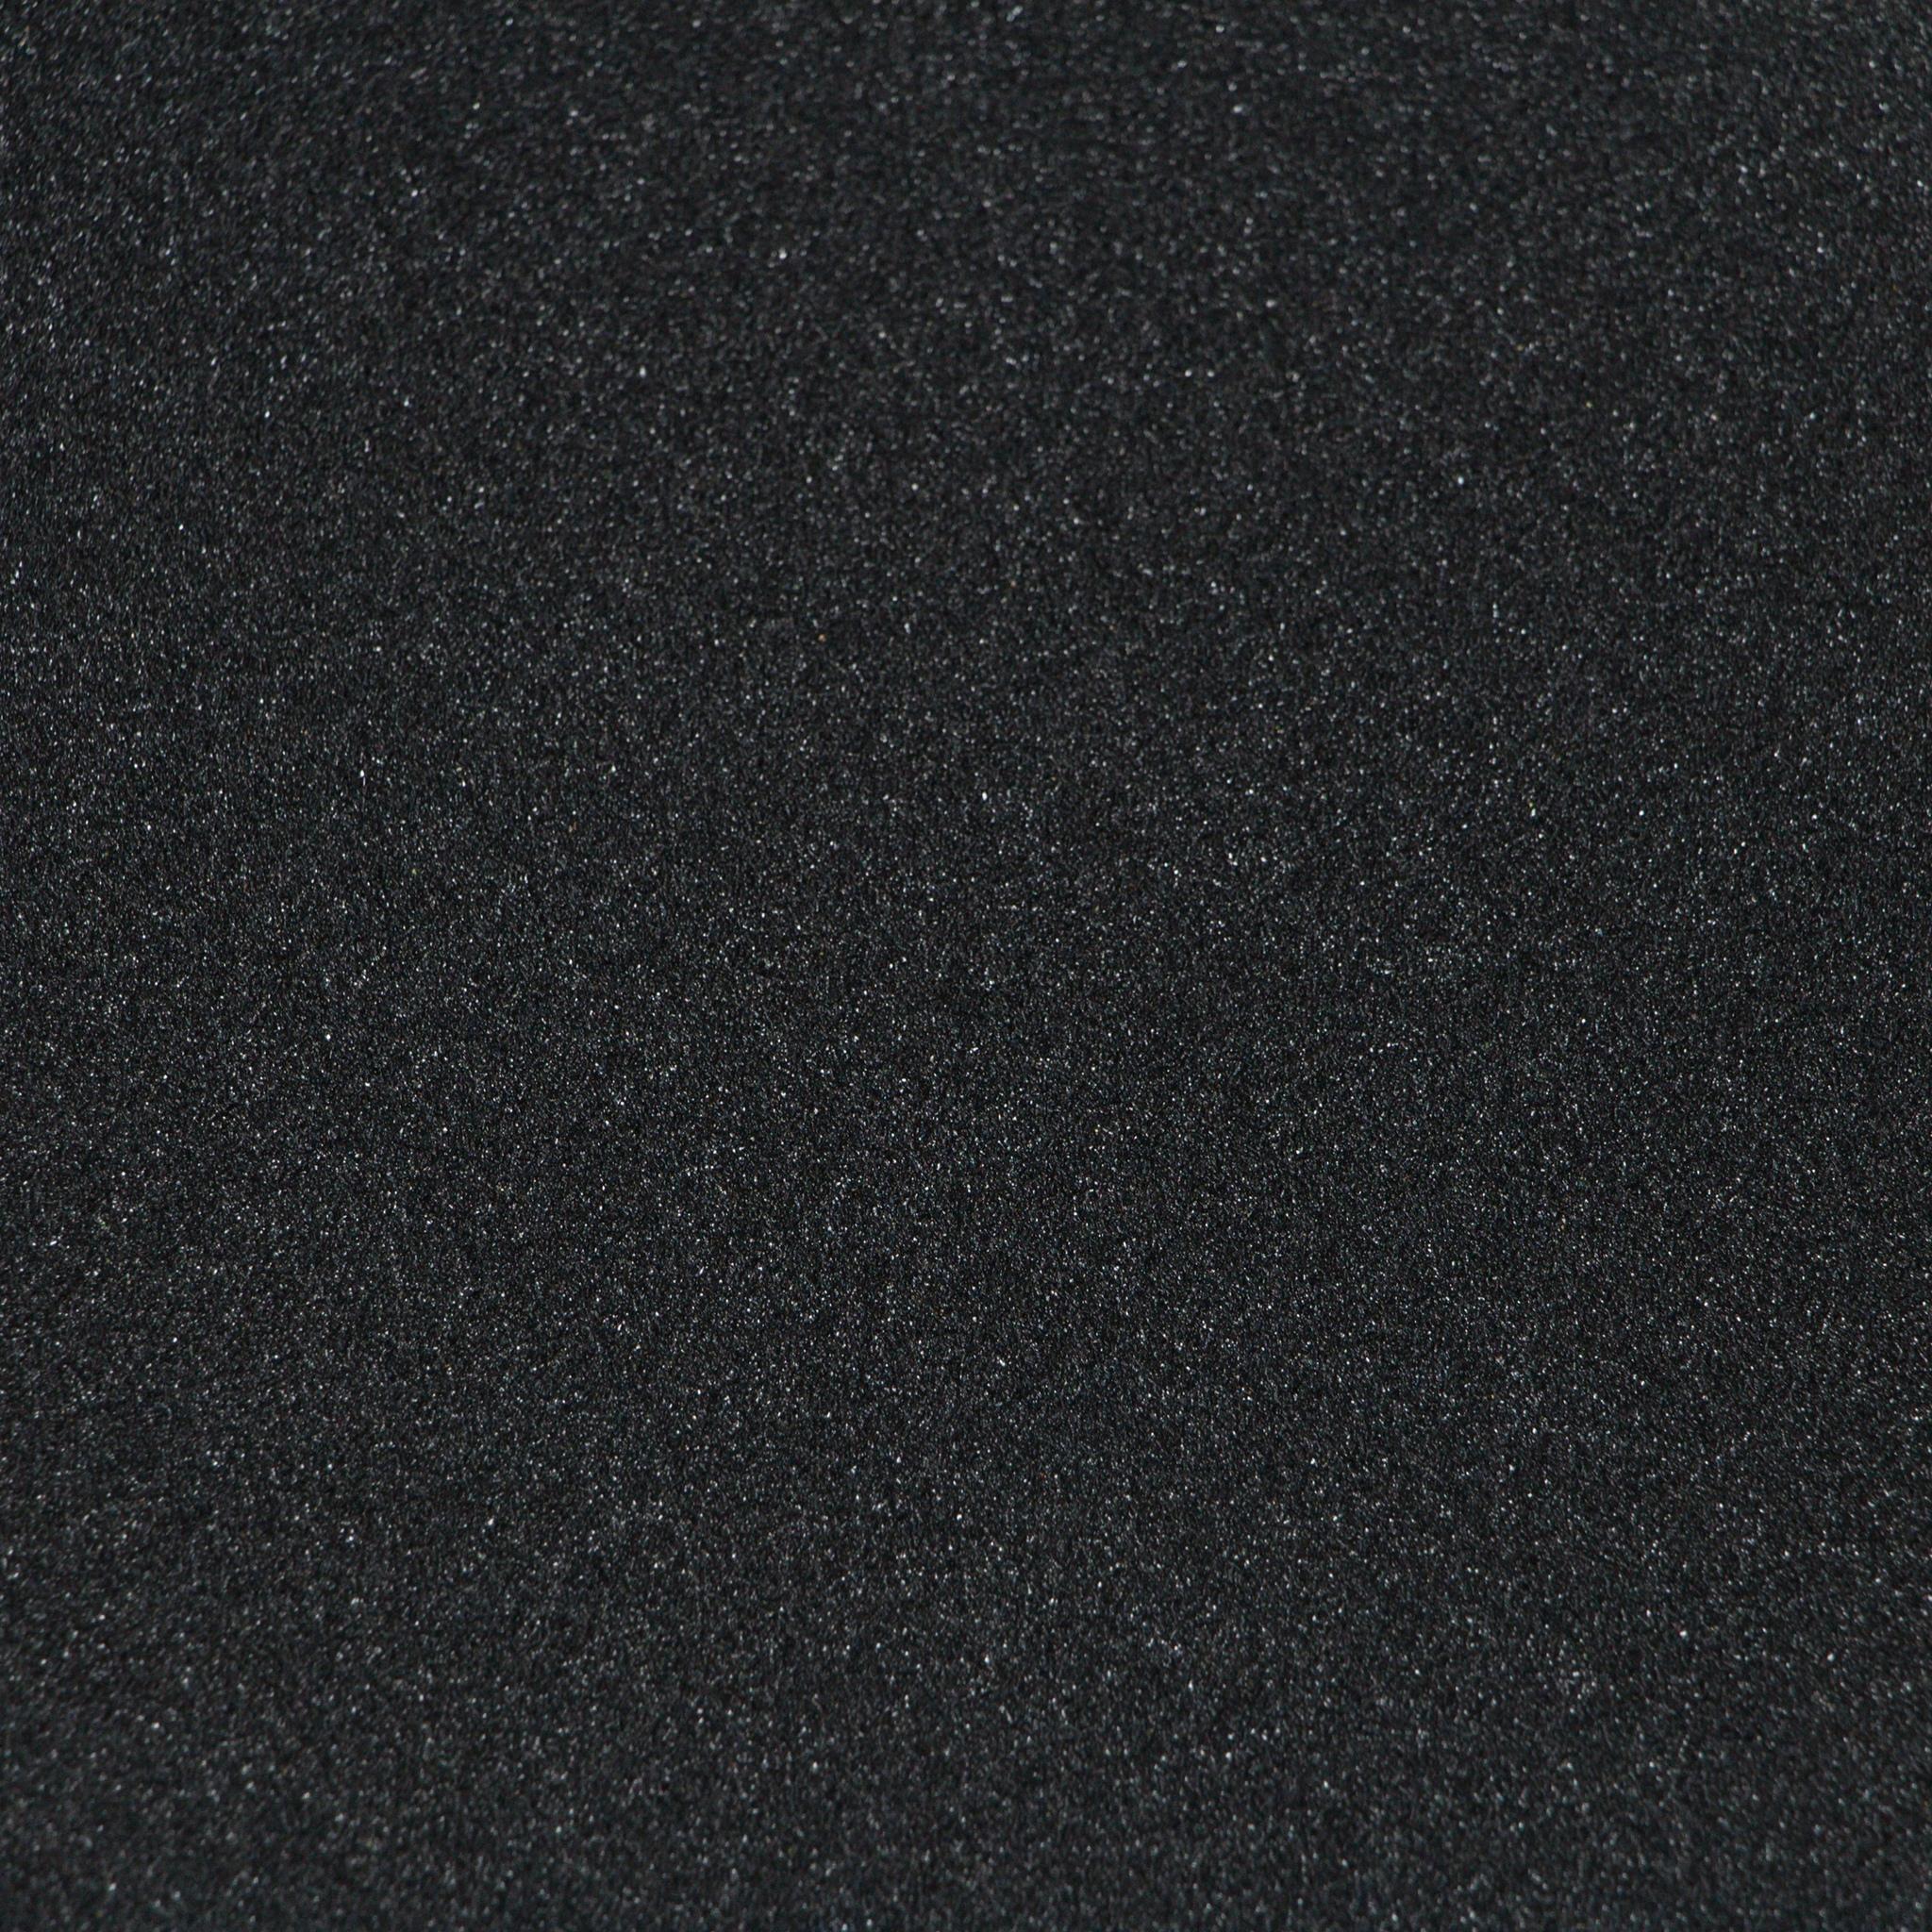 Шкурка Eastcoast Black XXL 44